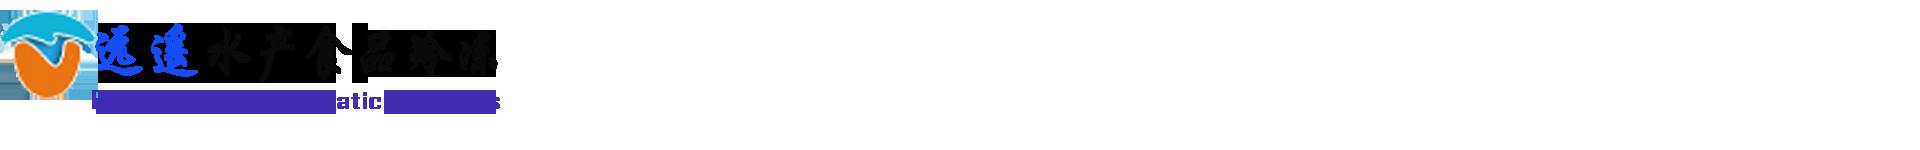 威海ag博彩娱乐appag博彩娱乐appag博彩娱乐app冷冻有限公司